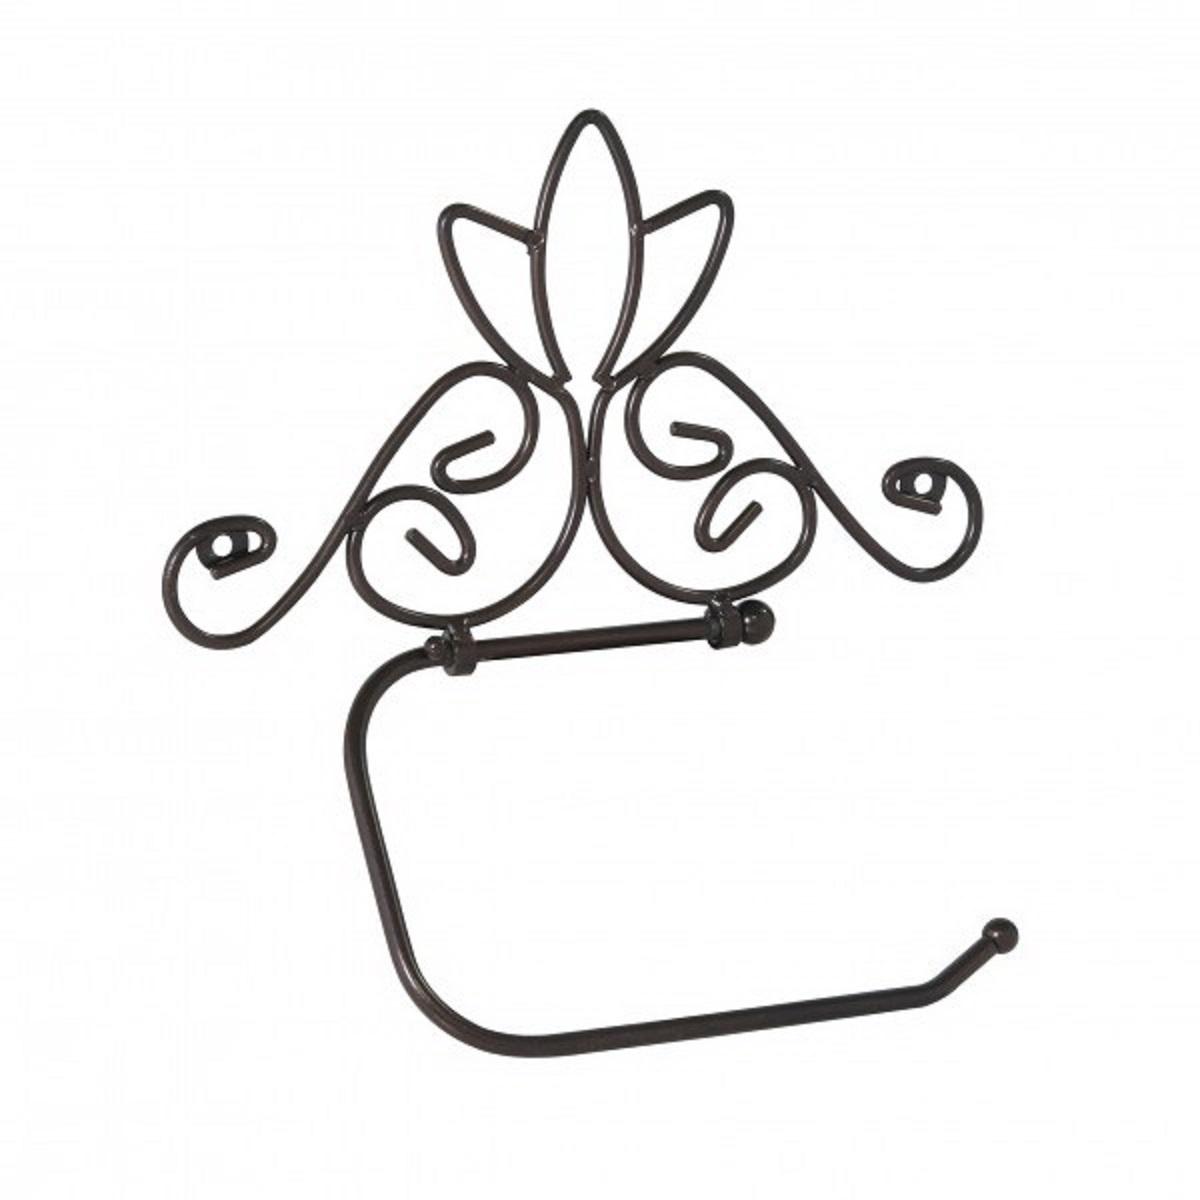 Держатель для туалетной бумаги Axentia Nostalgie, 2 х 23 х 25,5 см122244Держатель для туалетной бумаги Axentia Nostalgie изготовлен из высококачественной стали, которая обработана безопасной и долговечной полимерной порошковой краской. Изделие крепится на стену с помощью шурупов (не входят в комплект). Держатель поможет оформить интерьер в выбранном стиле, разбавляя пространство туалетной комнаты различными элементами. Он хорошо впишется в любой интерьер, придавая ему черты современности. Отлично сочетается с другими аксессуарами из коллекции Nostalgie. Размер держателя: 2 х 23 х 25,5 см.